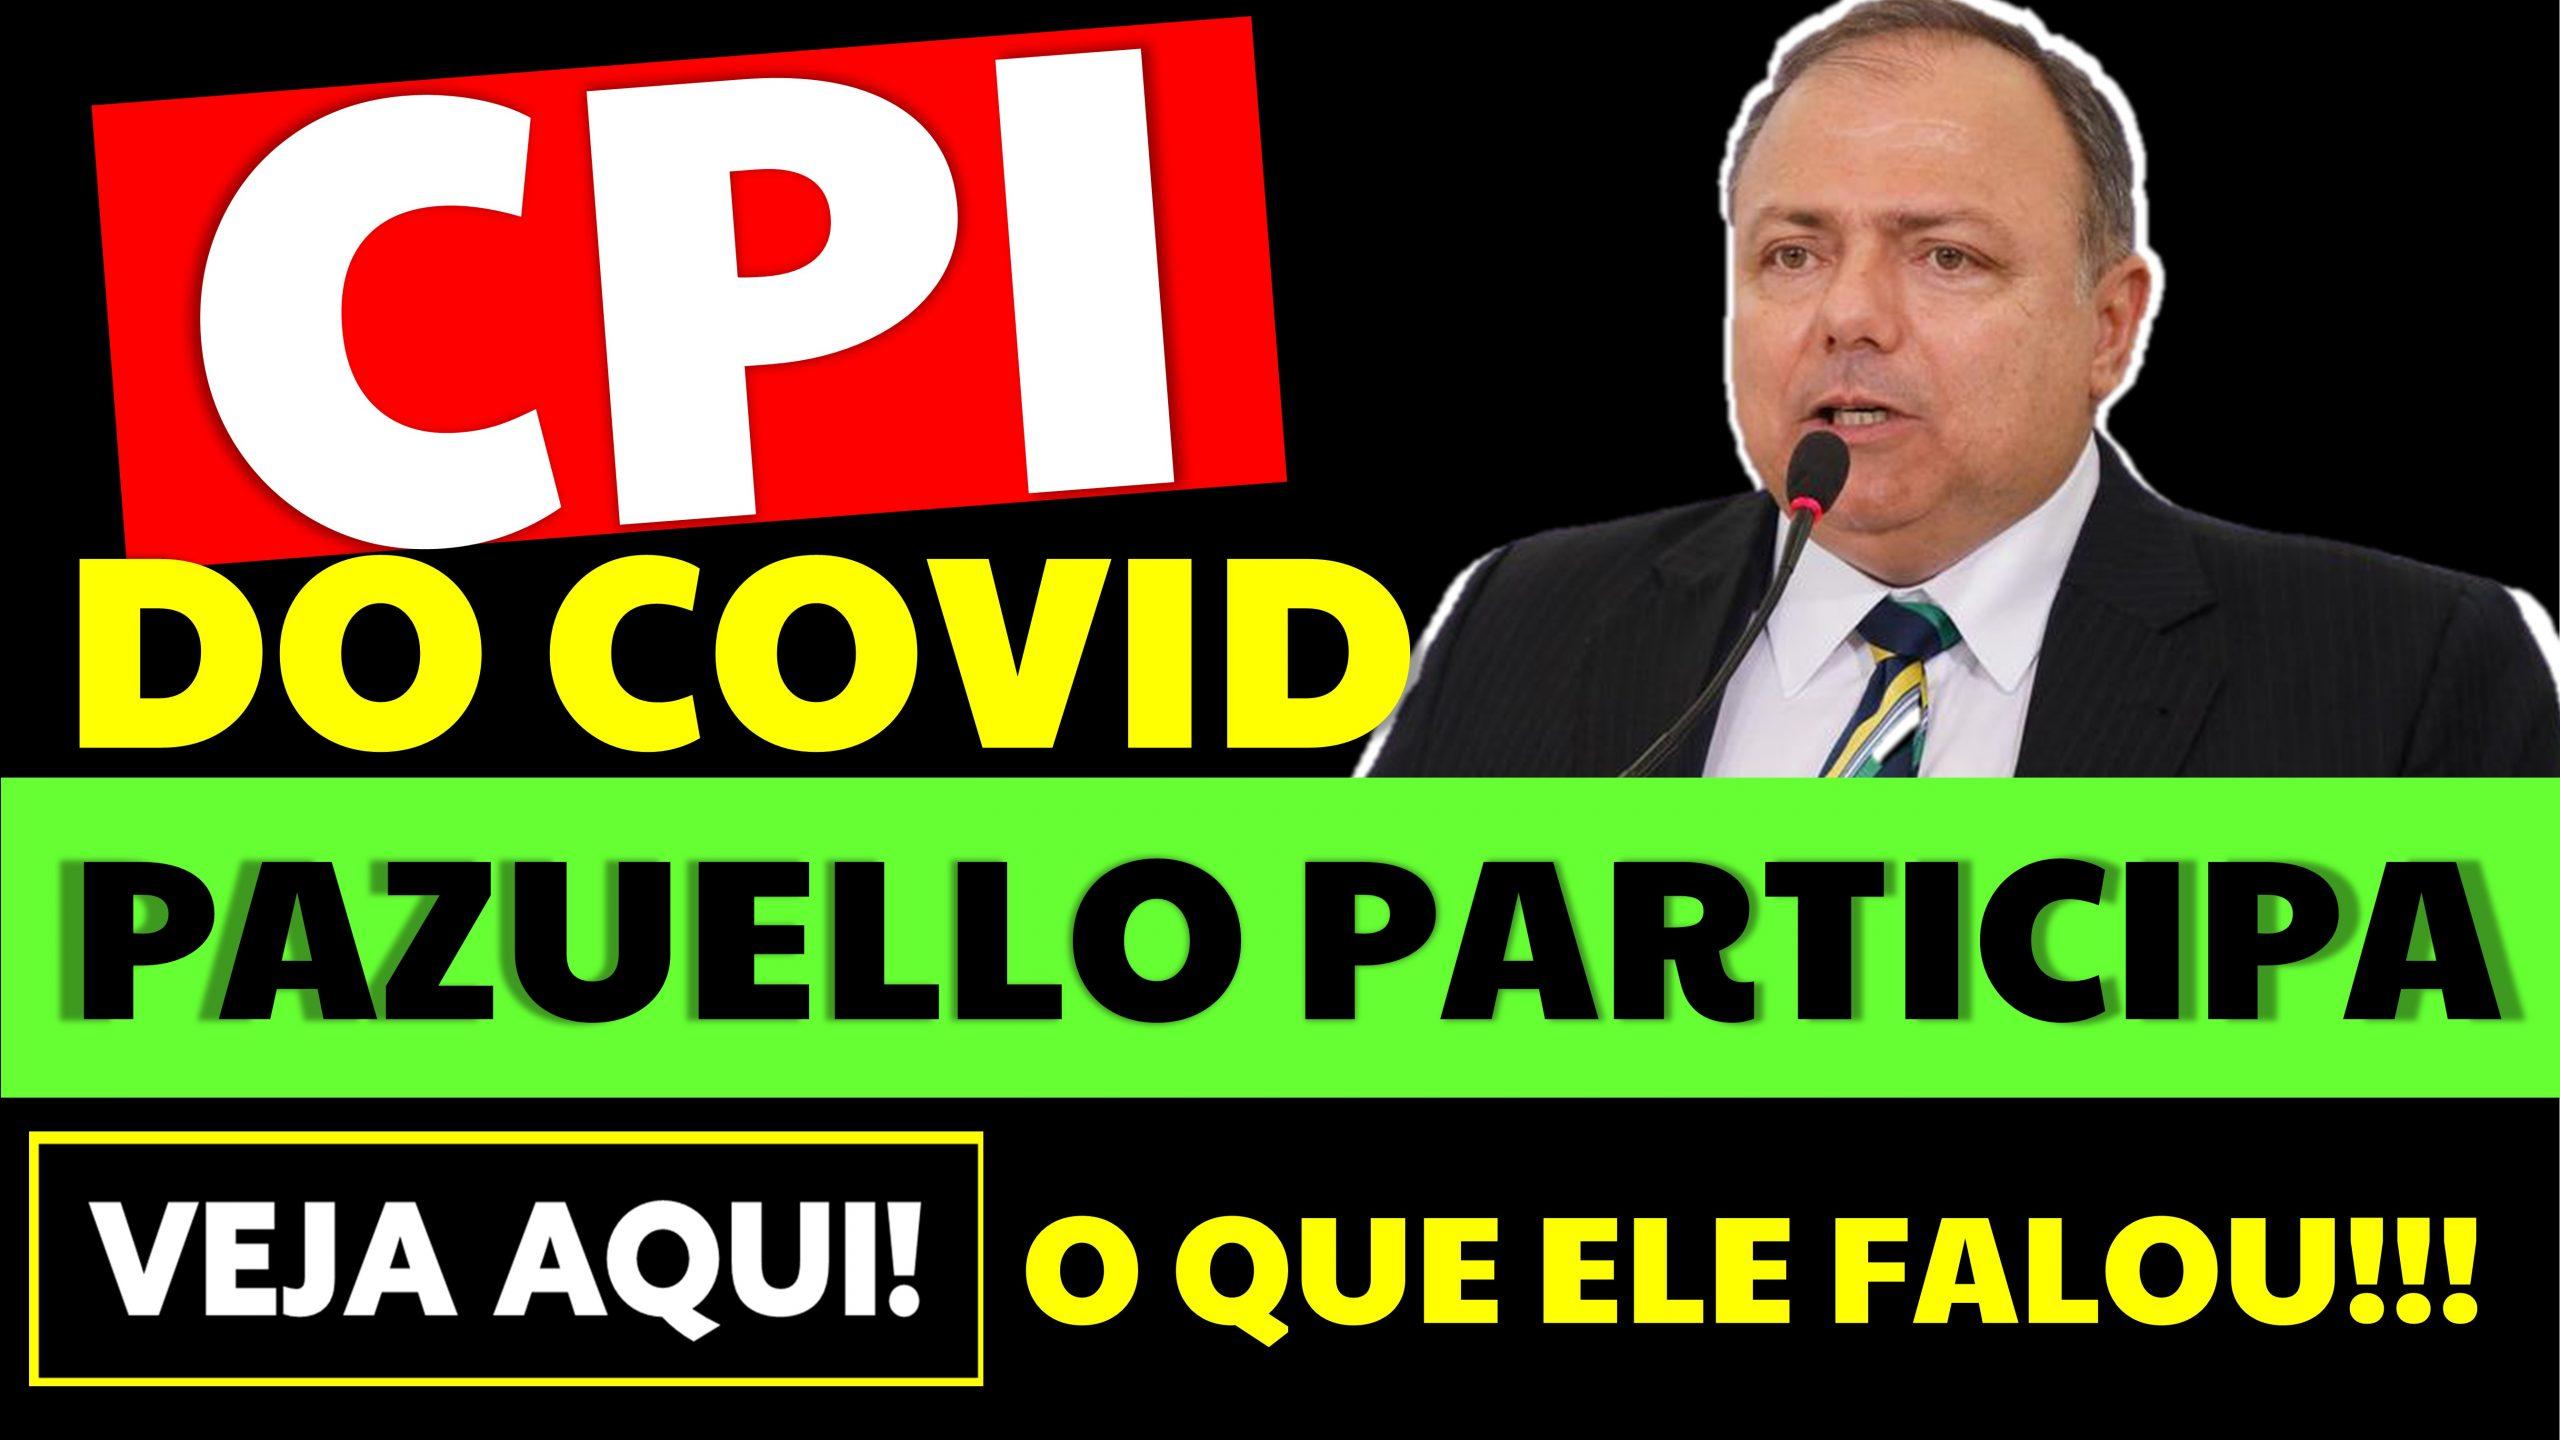 Eduardo Pazuello participa da CPI da Covid